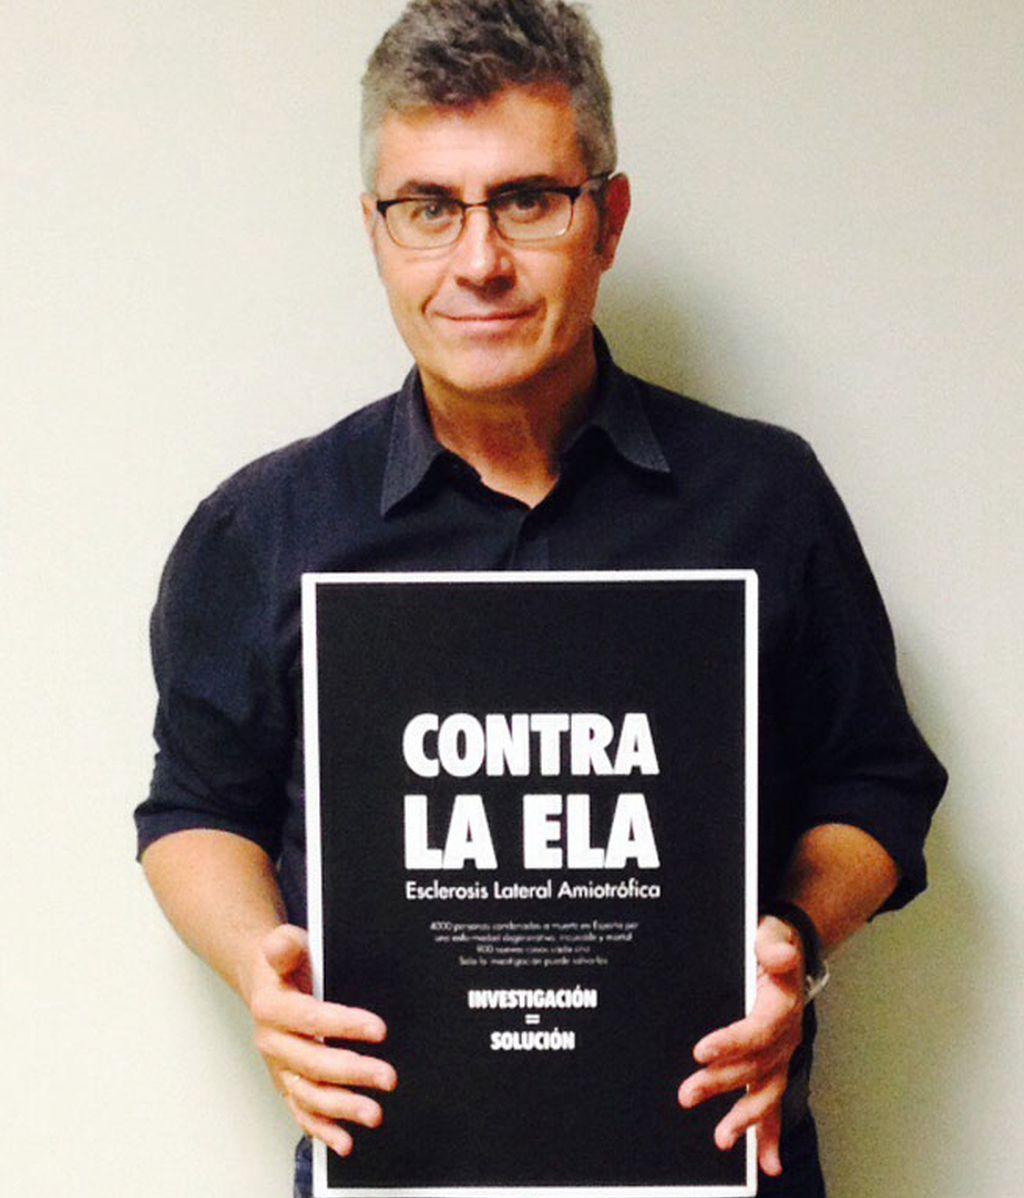 Este sábado se ha convocado en Madrid una 'Caminata por la vida y contra la ELA'